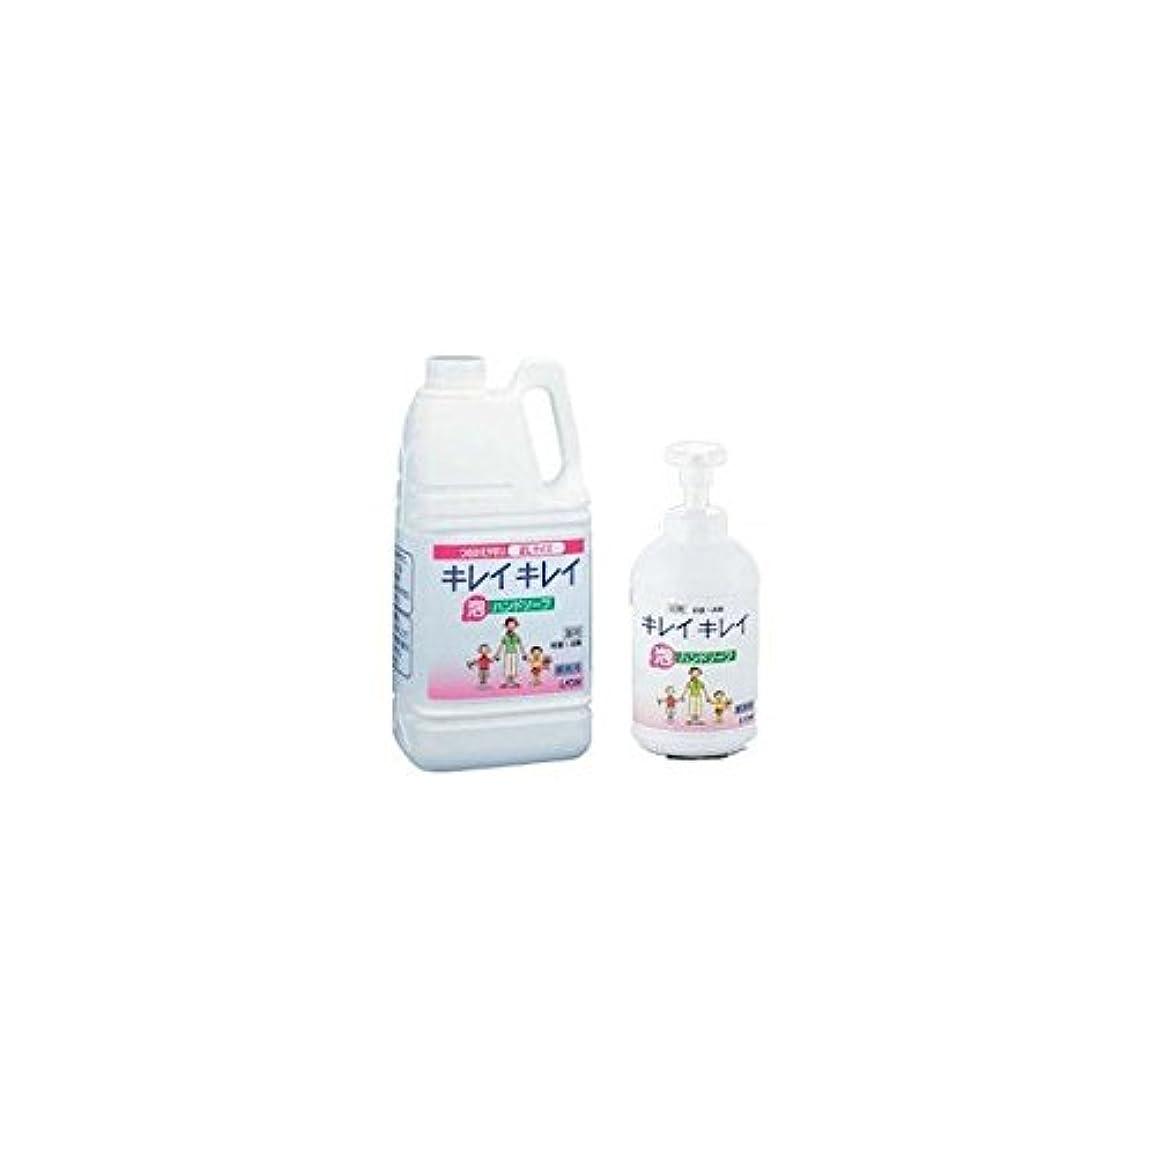 その後女の子アスレチックライオン キレイキレイ薬用泡ハンドソープ 2L(700ML専用ポンプ付) 【品番】JHV2503